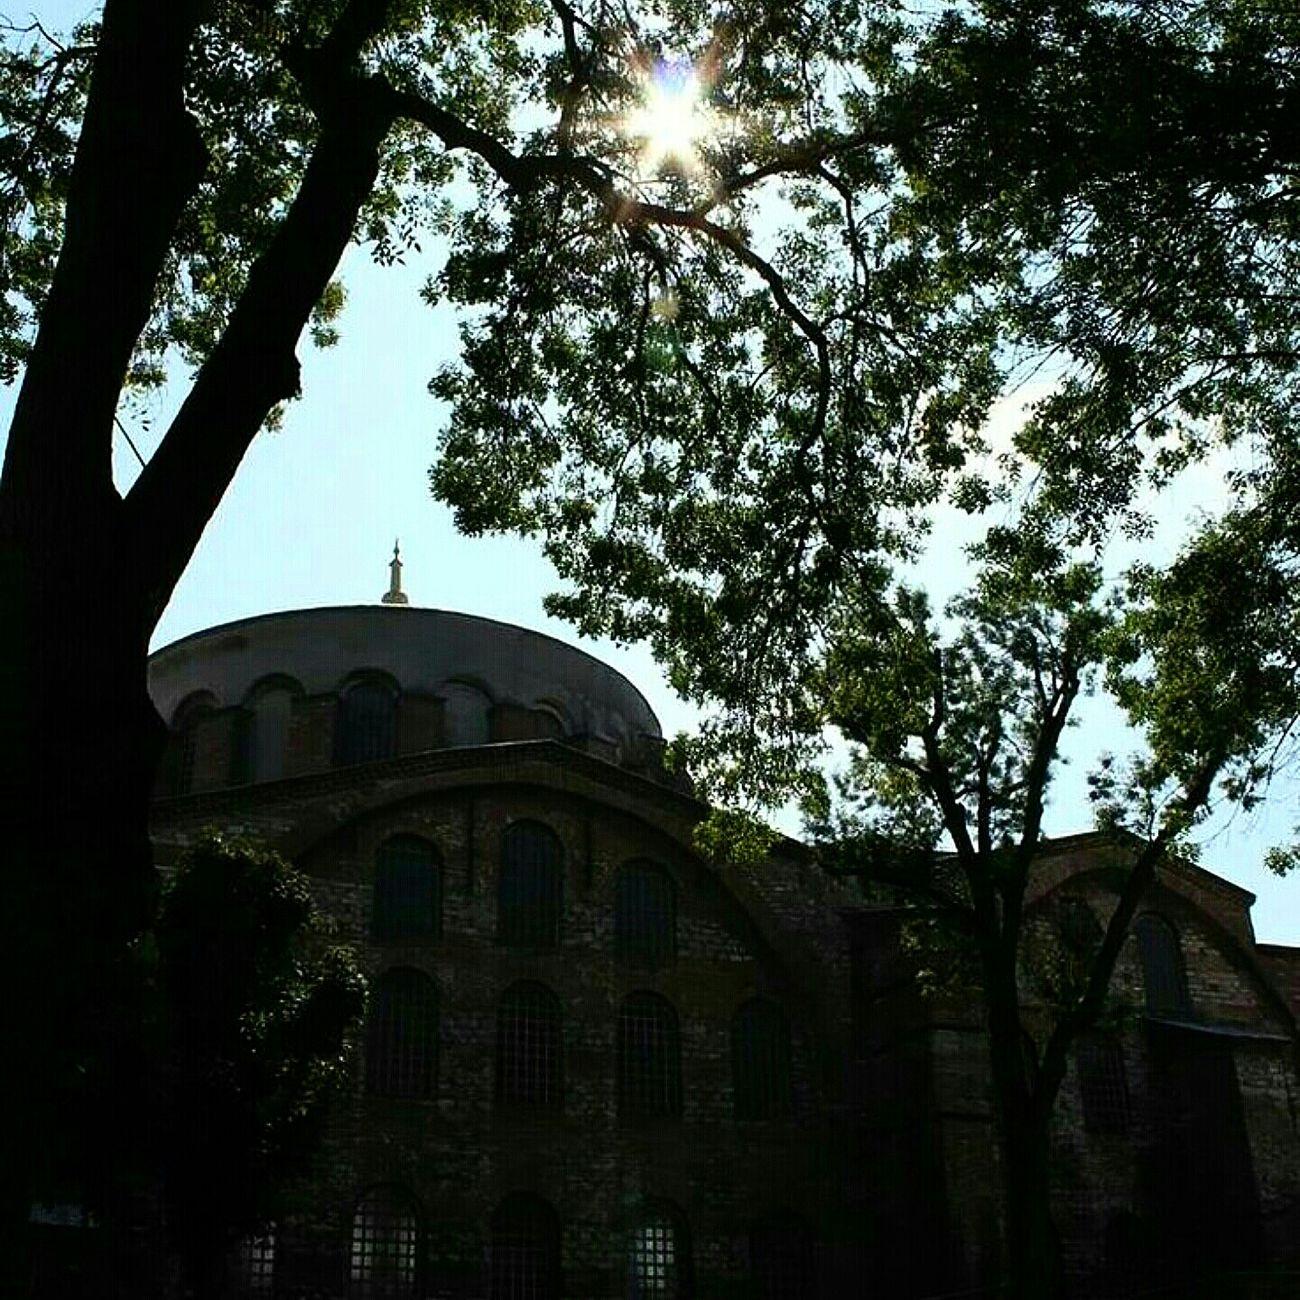 EyeEm Best Edits Istanbul Turkey Photo In Istanbul Love #bysinaneksi #objektifimden #benimkadrajim #hayatakarken #hayattancokcekiyoruz #hayatandanibarettir #hayatsokaklarda #gunun_karesi #zamanidurdur #aniyakala #fotografheryerde #natural_turkey #instagram_turkey #turkinstagram #turkishfollowers #objektif